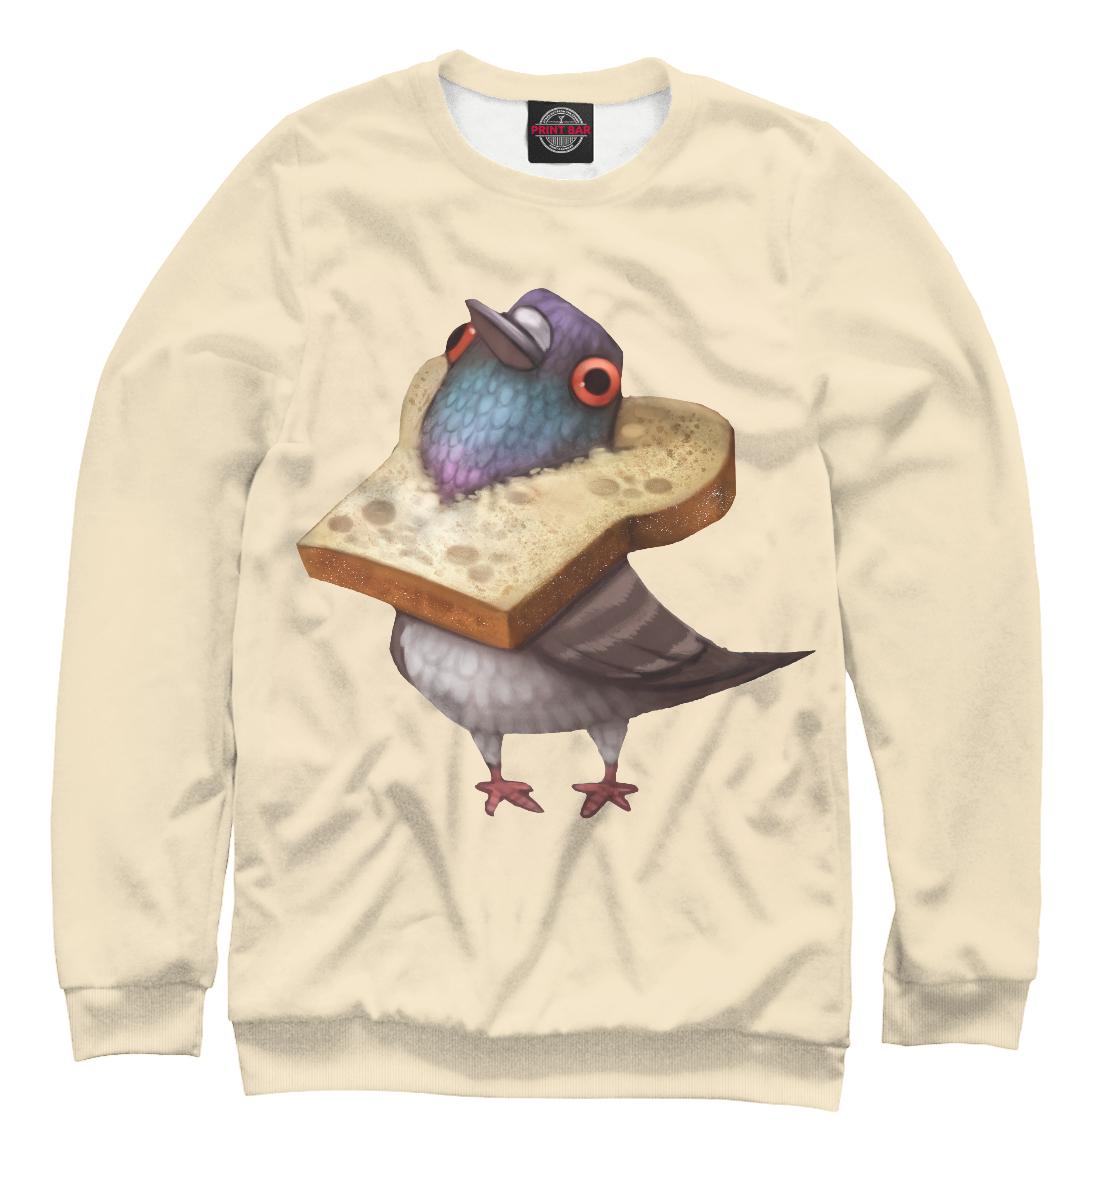 Фото - Голубь и хлебушек огненный голубь